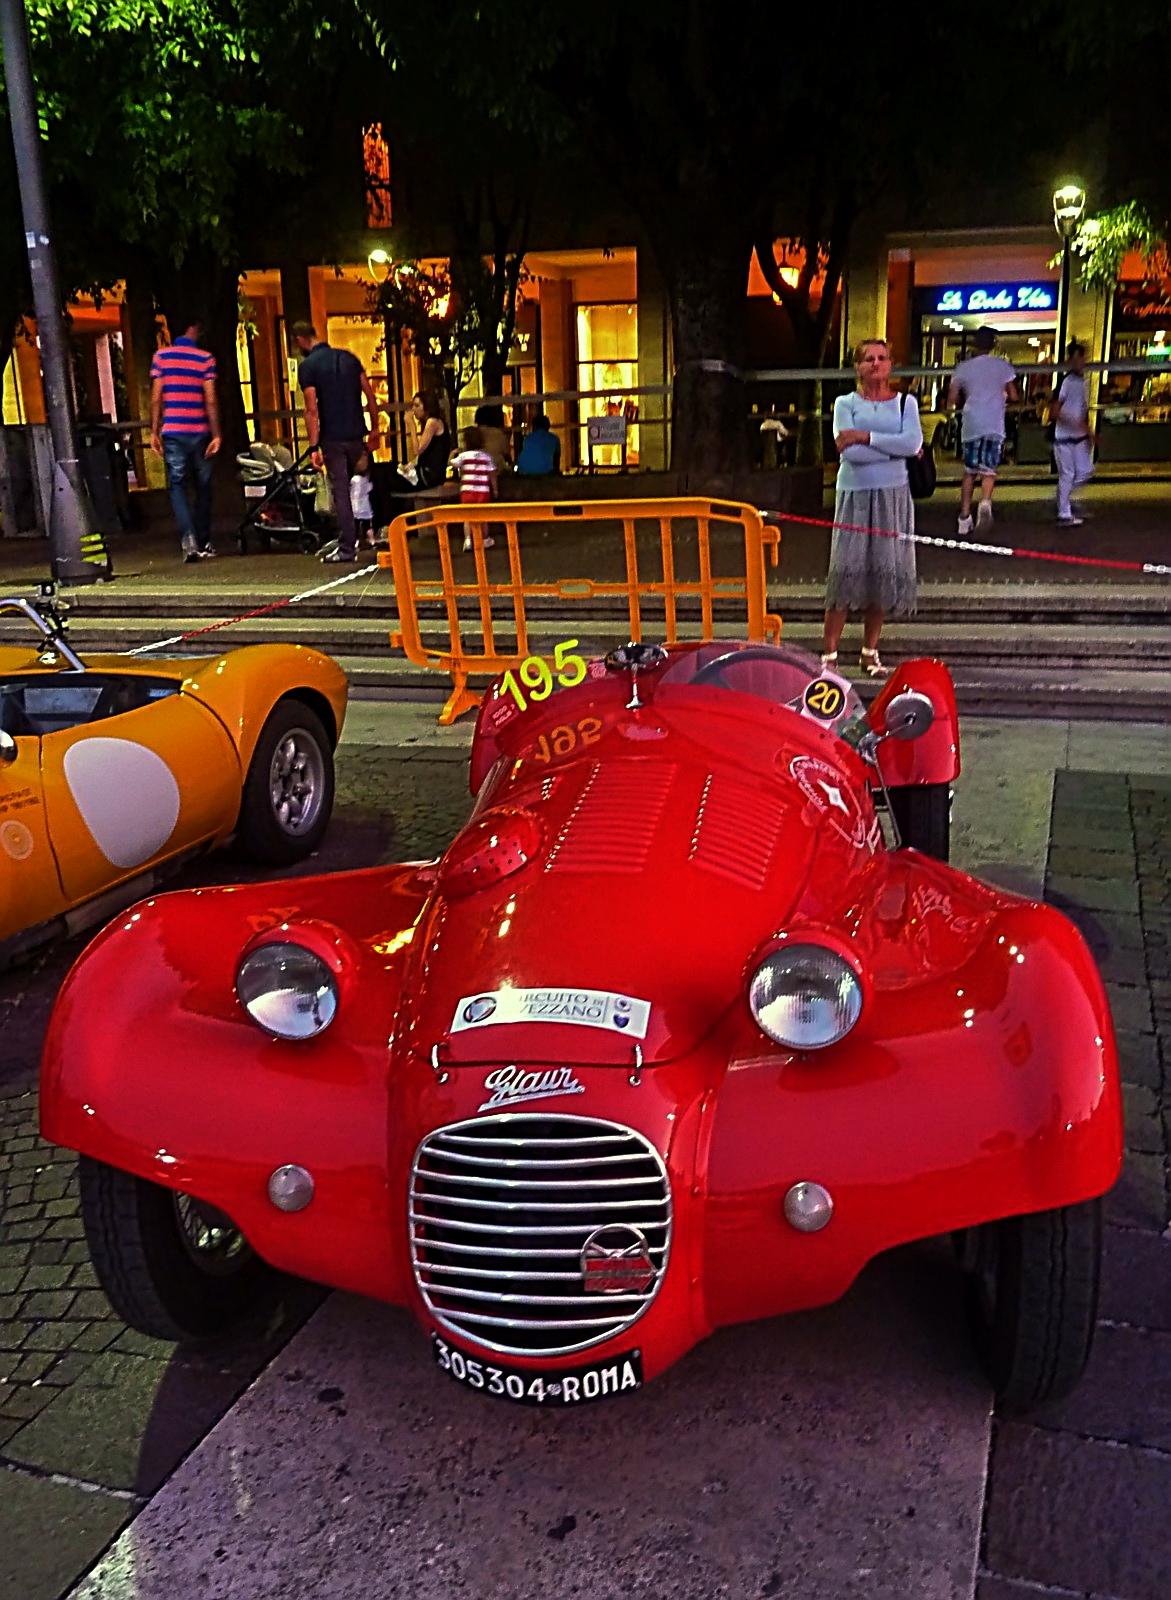 Circuito di Avezzano 2015 (357)_Fotor